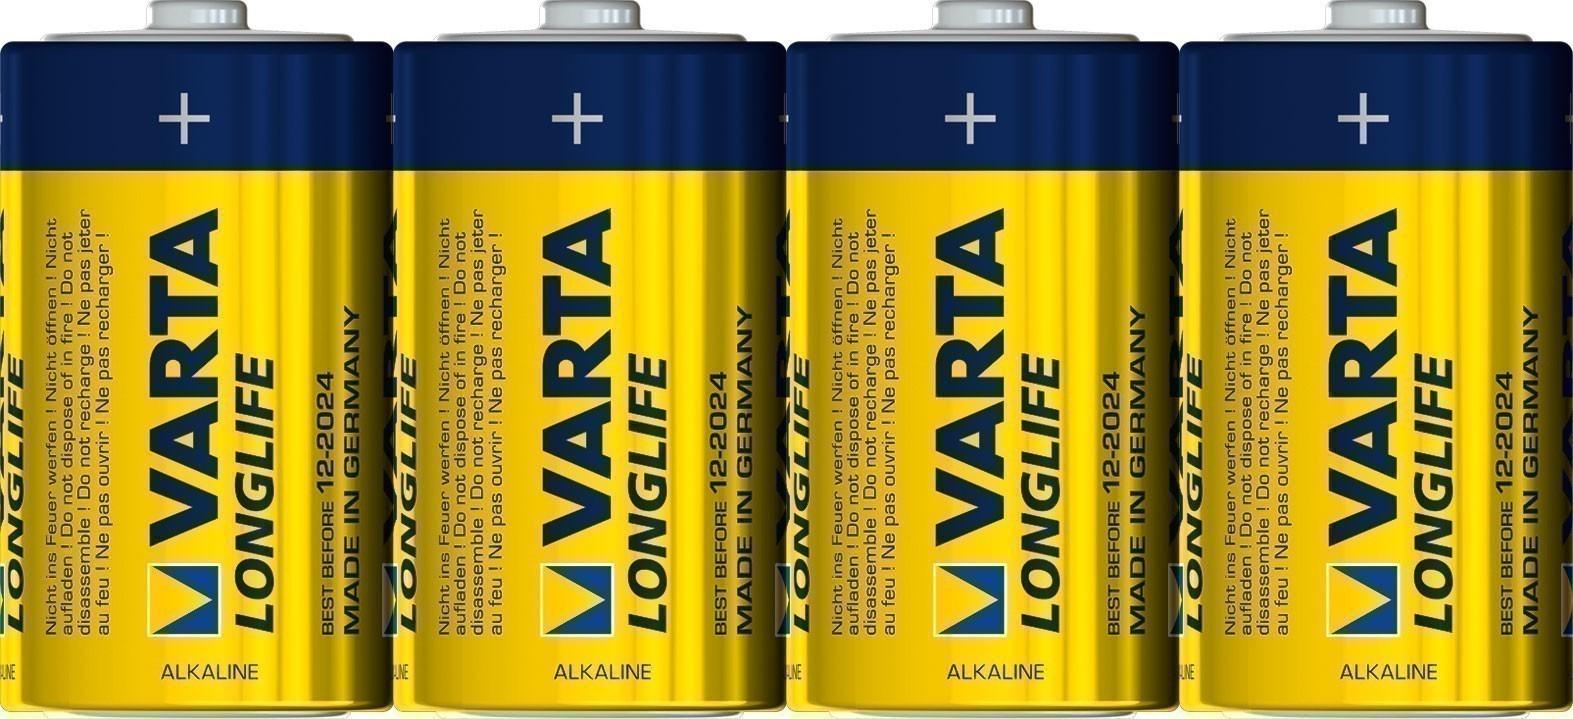 VARTA Long Life D 1,5 V 4 Stück Bild 1